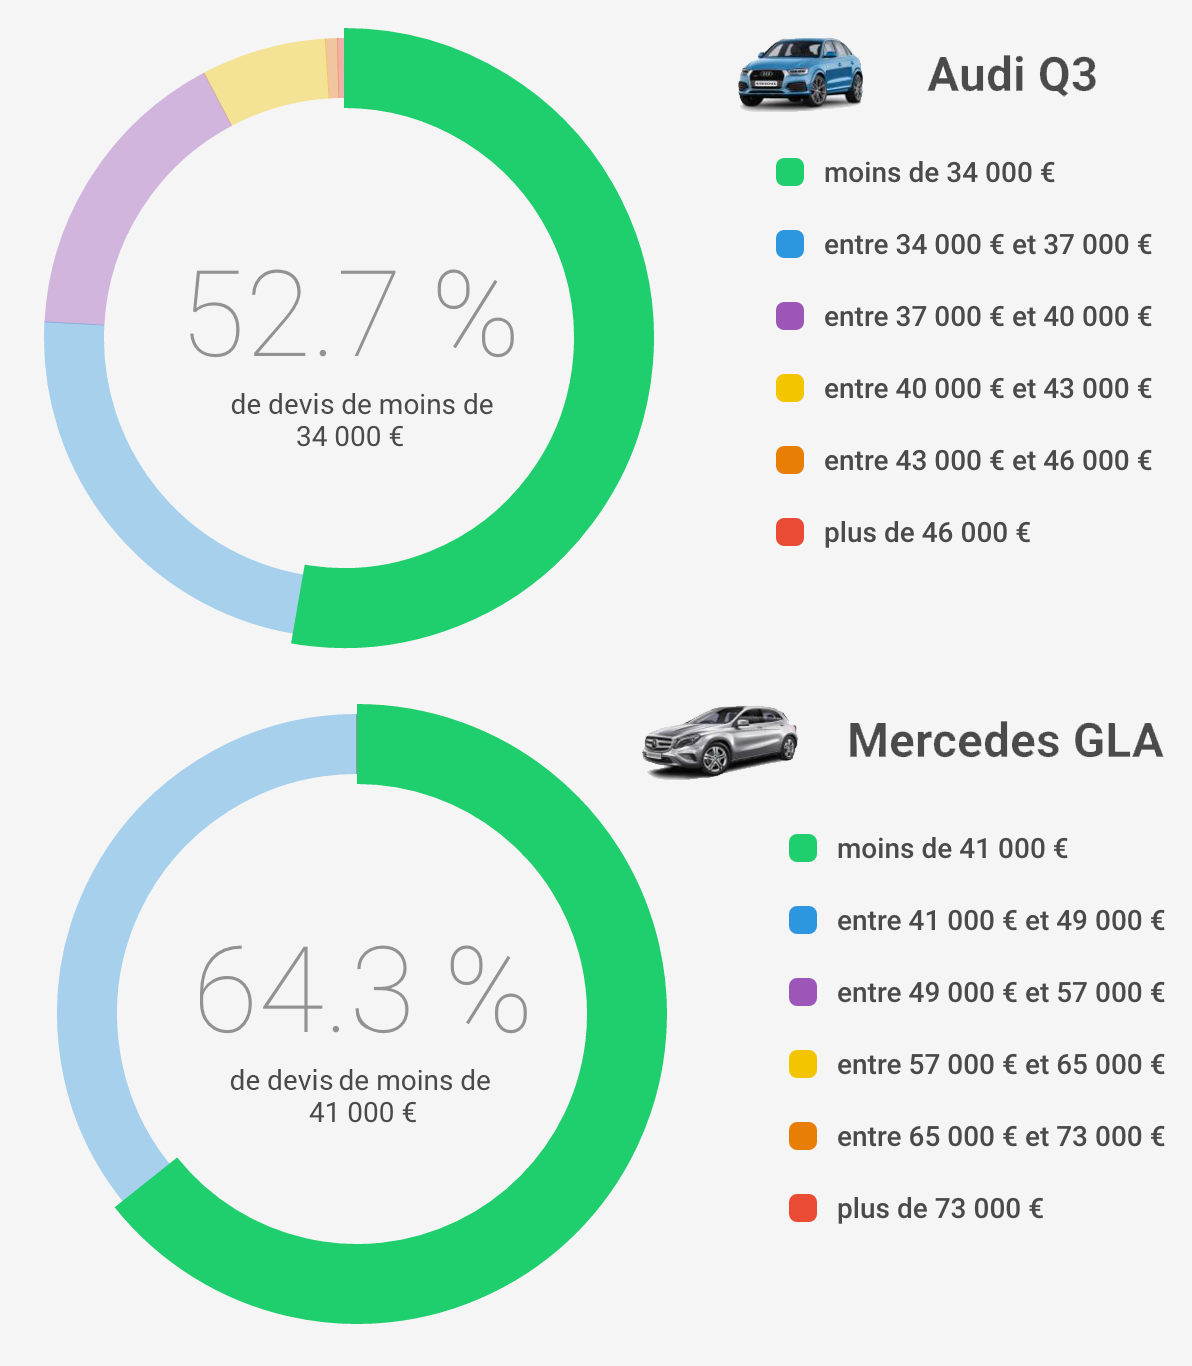 Combat De Prix : Audi Q3 VS Mercedes GLA